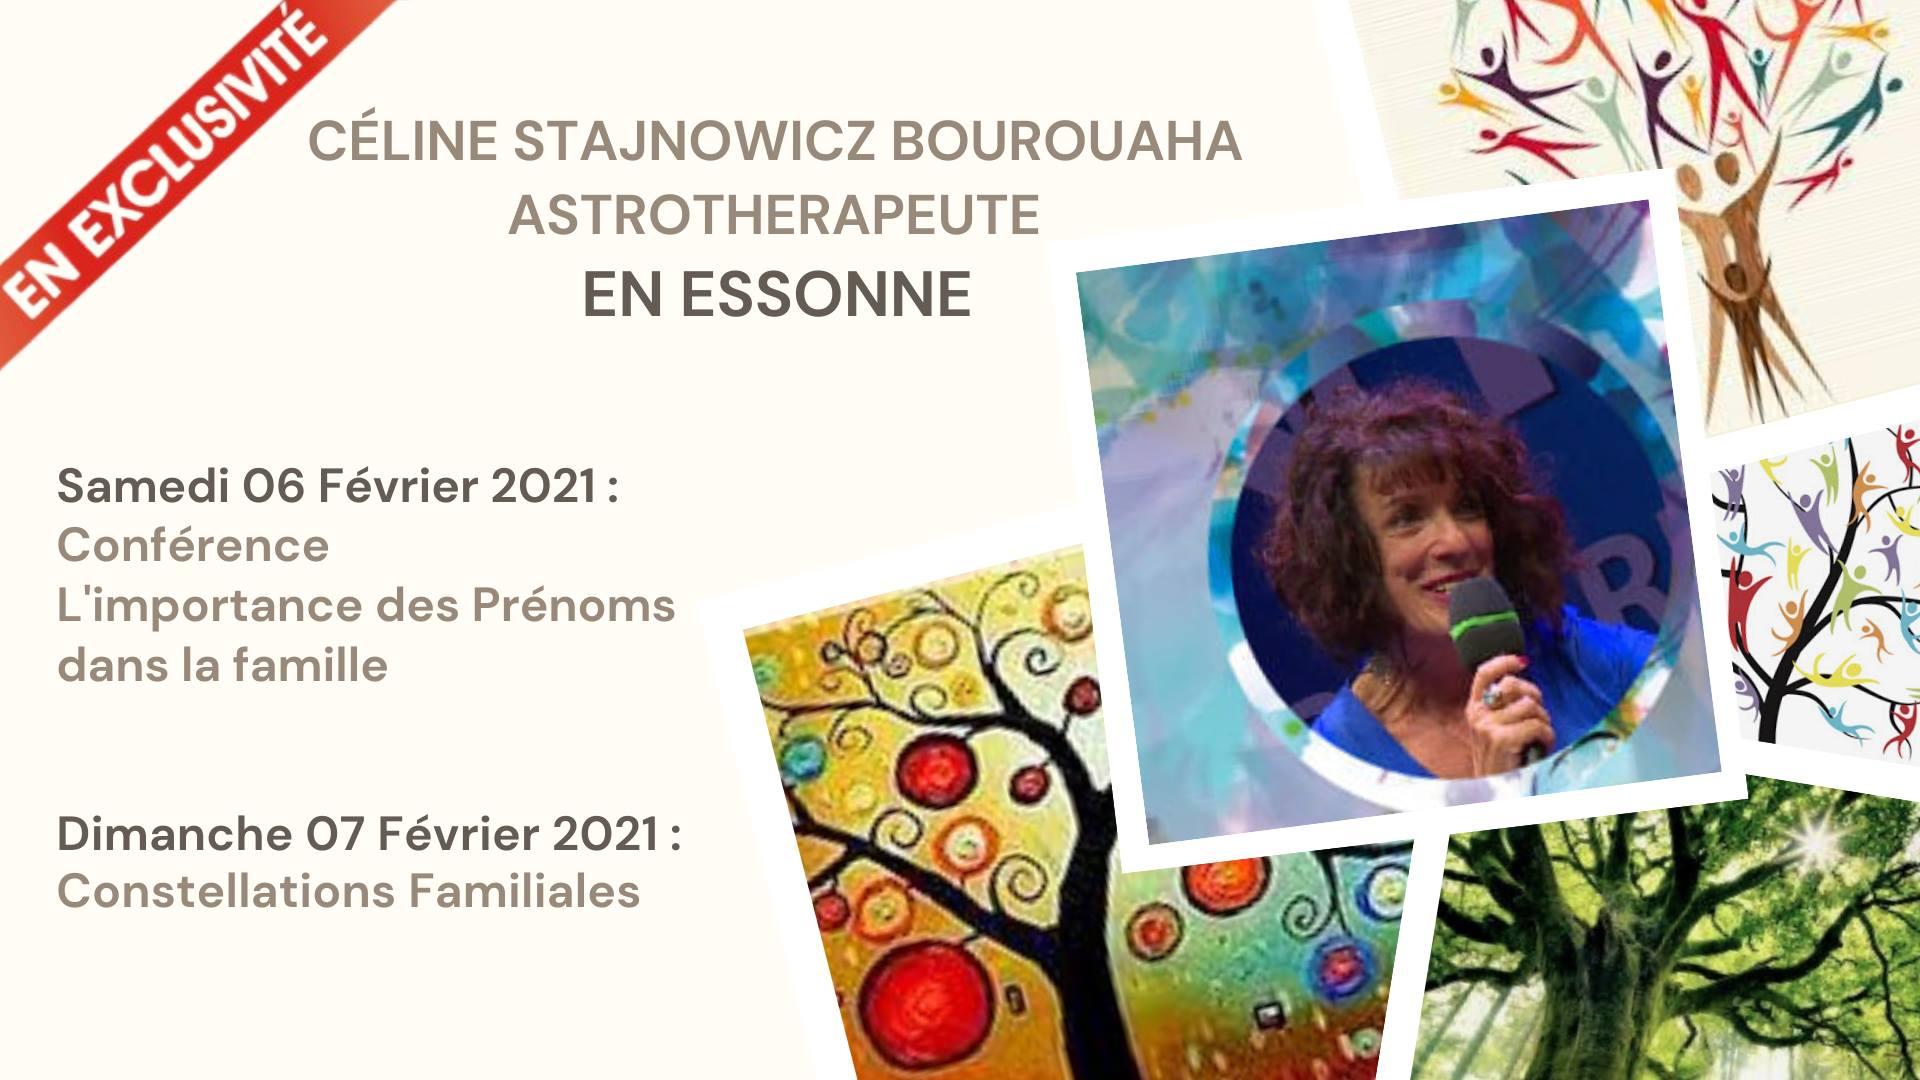 Constellations Familiales et Conférence en Essonne